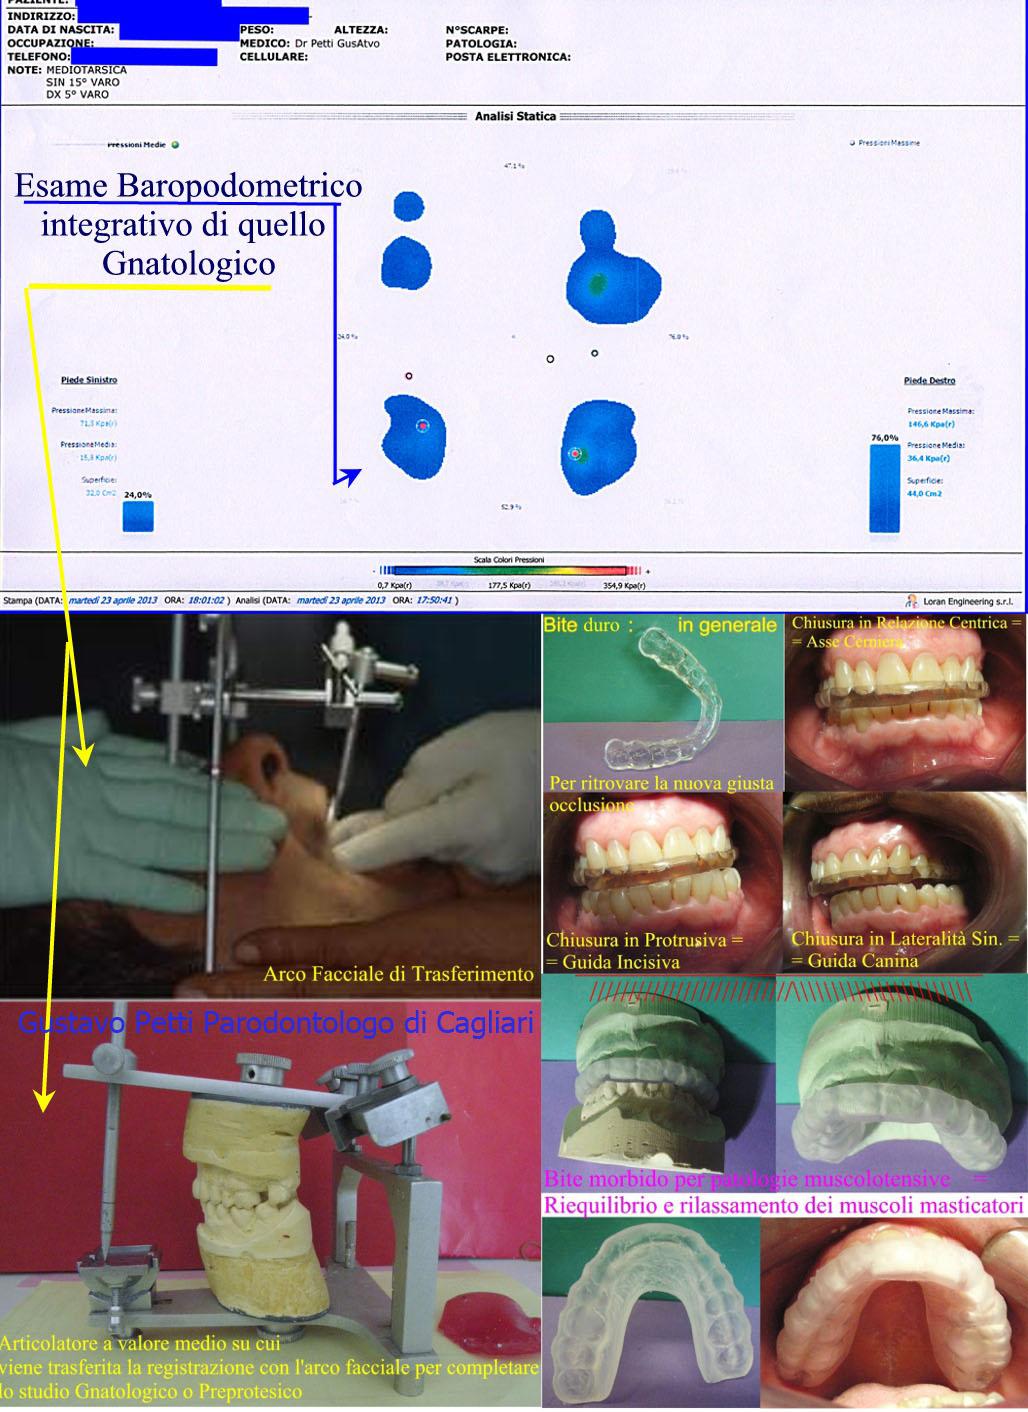 Dr. Gustavo Petti Parodontologo Gnatologo Riabilitatore Orale in Casi Clinici Complessi, di Cagliari. Esempio di parziale Visita Gnatologica con Arco Facciale di Trasferimento, Articolatore a Valore Medio, Stabilometria Computerizzatae e Bite Plane di vari Tipi e Funzioni